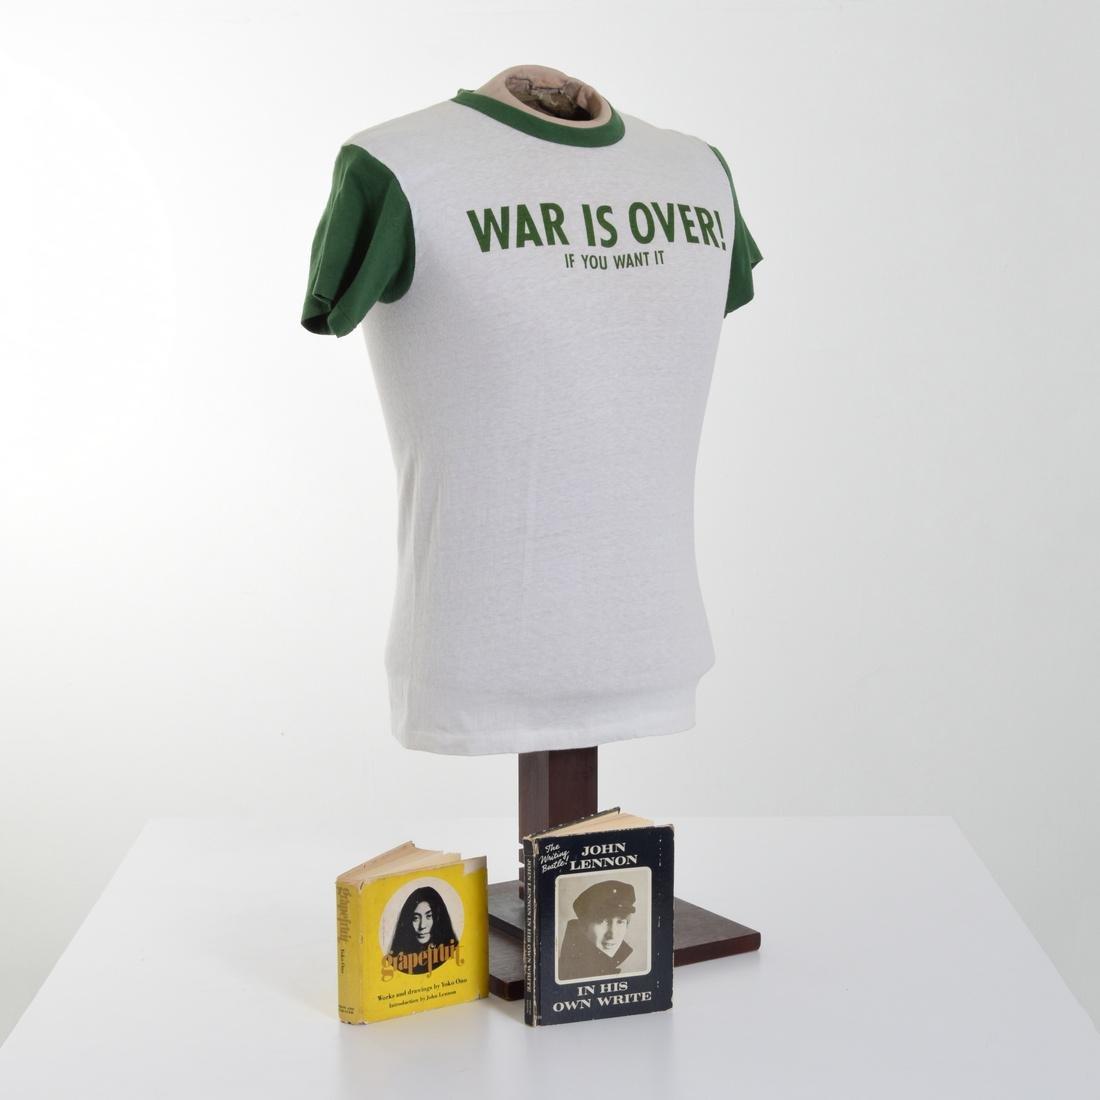 John Lennon/Yoko Ono-Designed Rare T-Shirt & 2 Books